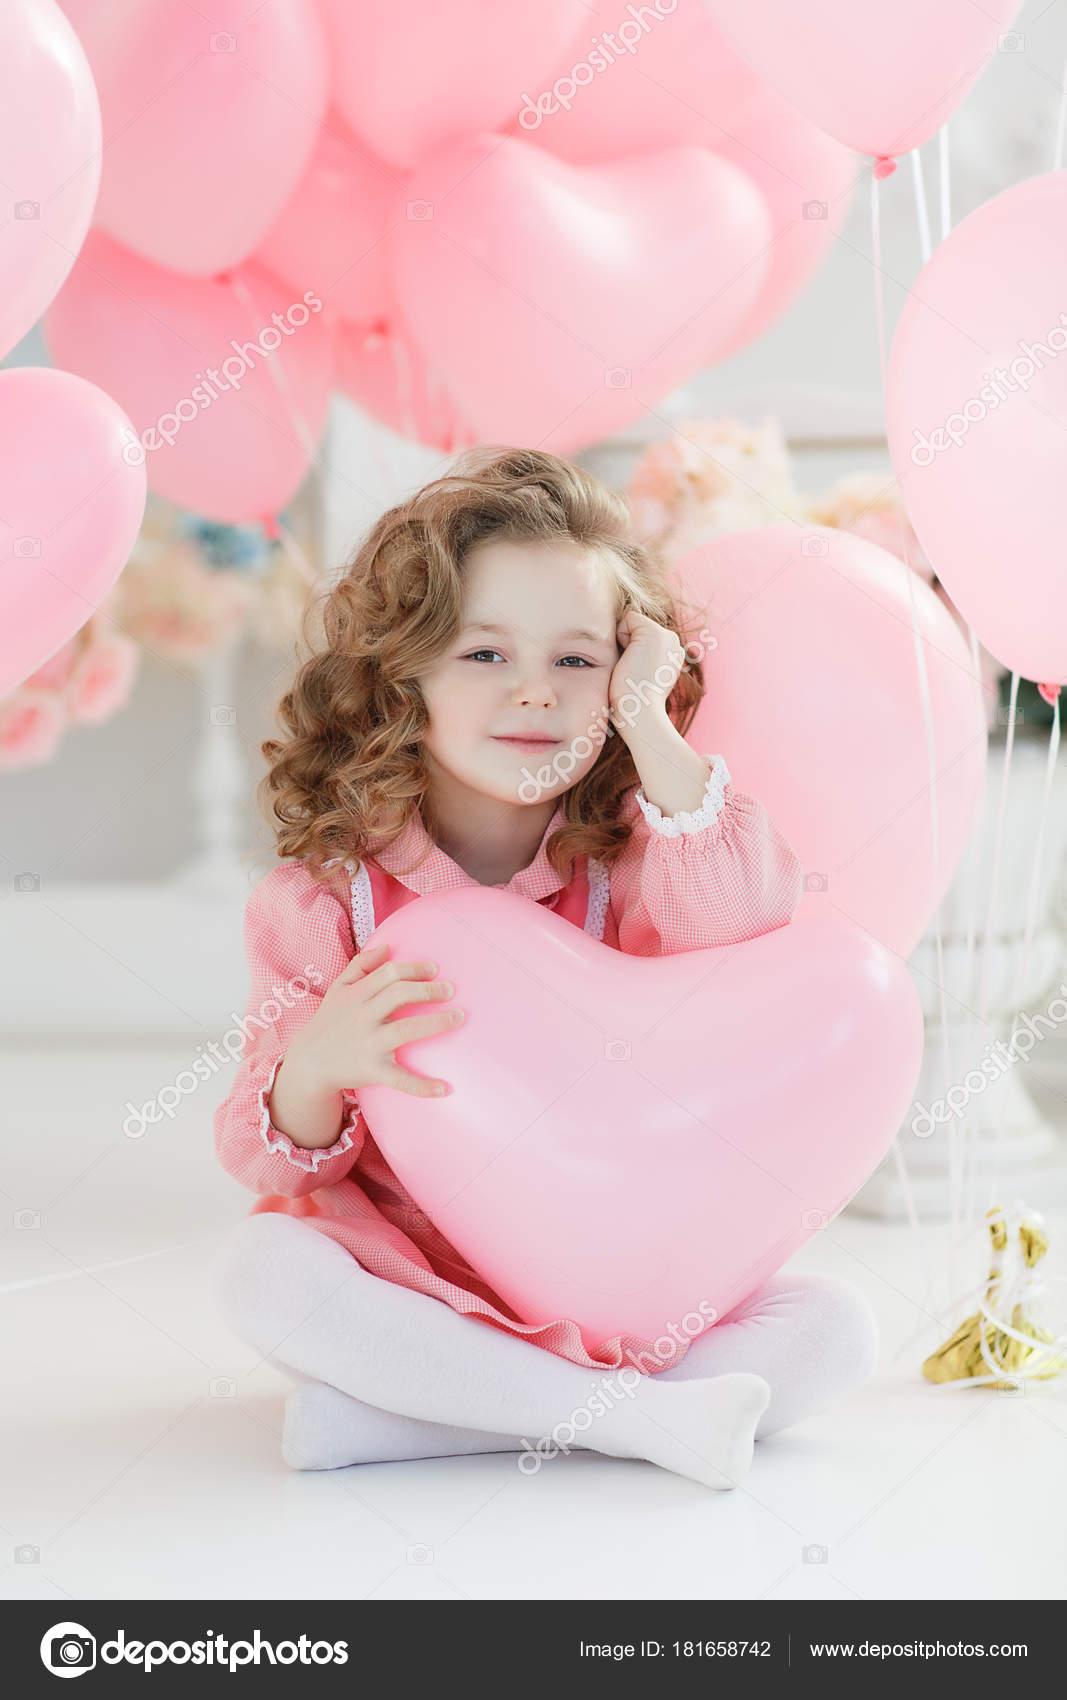 online retailer 8e1bf ed2ac Una Bambina Anni Con Capelli Ricci Lunghi Vestita Vestito ...